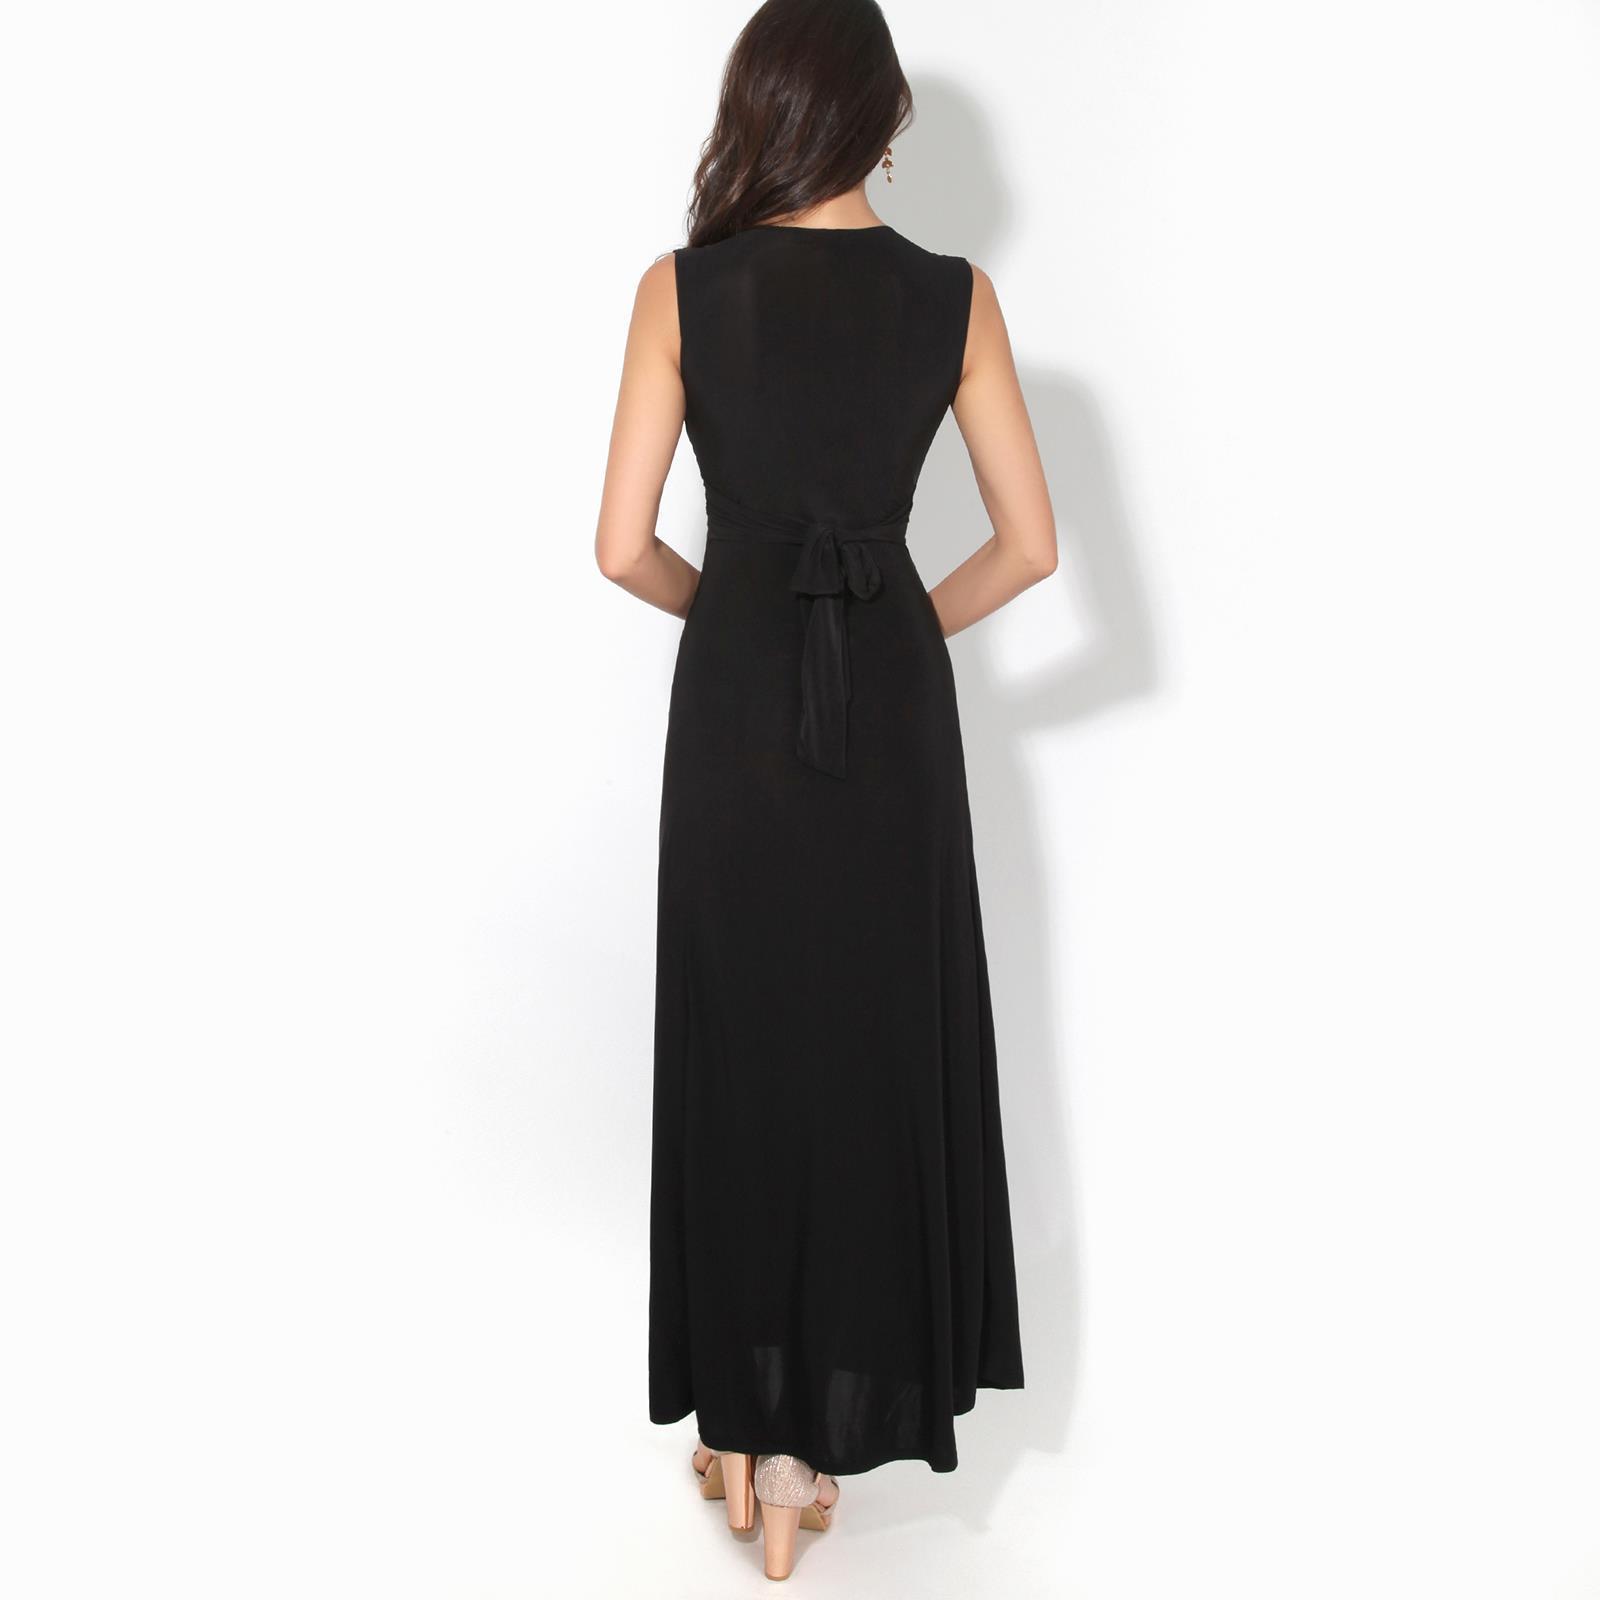 Womens-Ladies-Boho-Long-Maxi-Dress-Knot-V-Neck-Sleeveless-Pleated-Summer-Party thumbnail 7